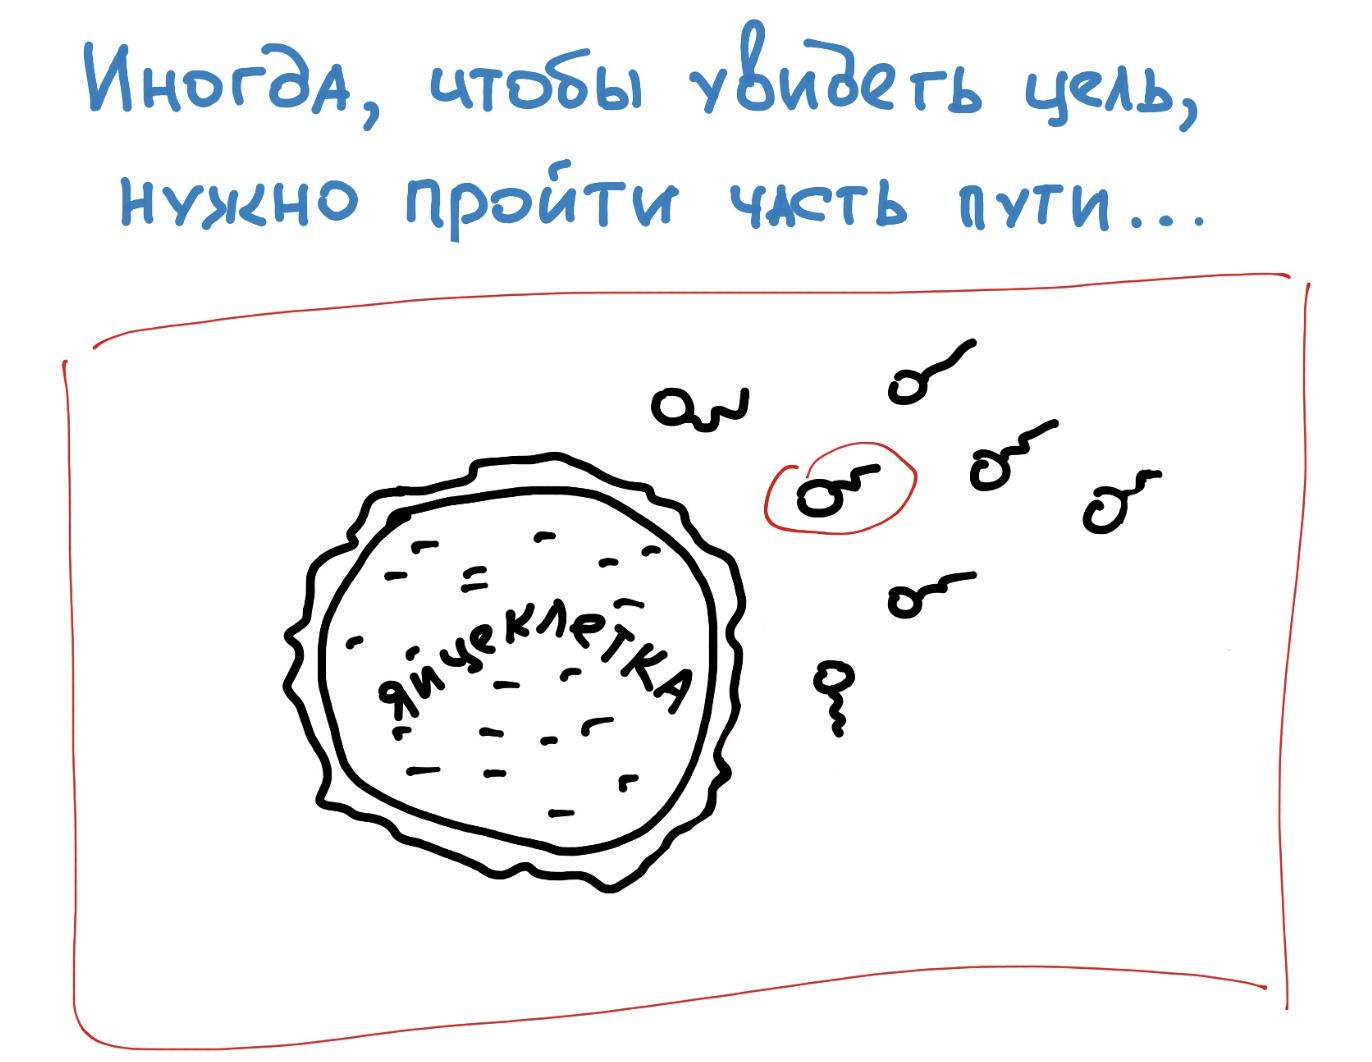 Как иллюстрировать посты на Хабре? Главное из мастер-класса для участников конкурса ТехноТекст